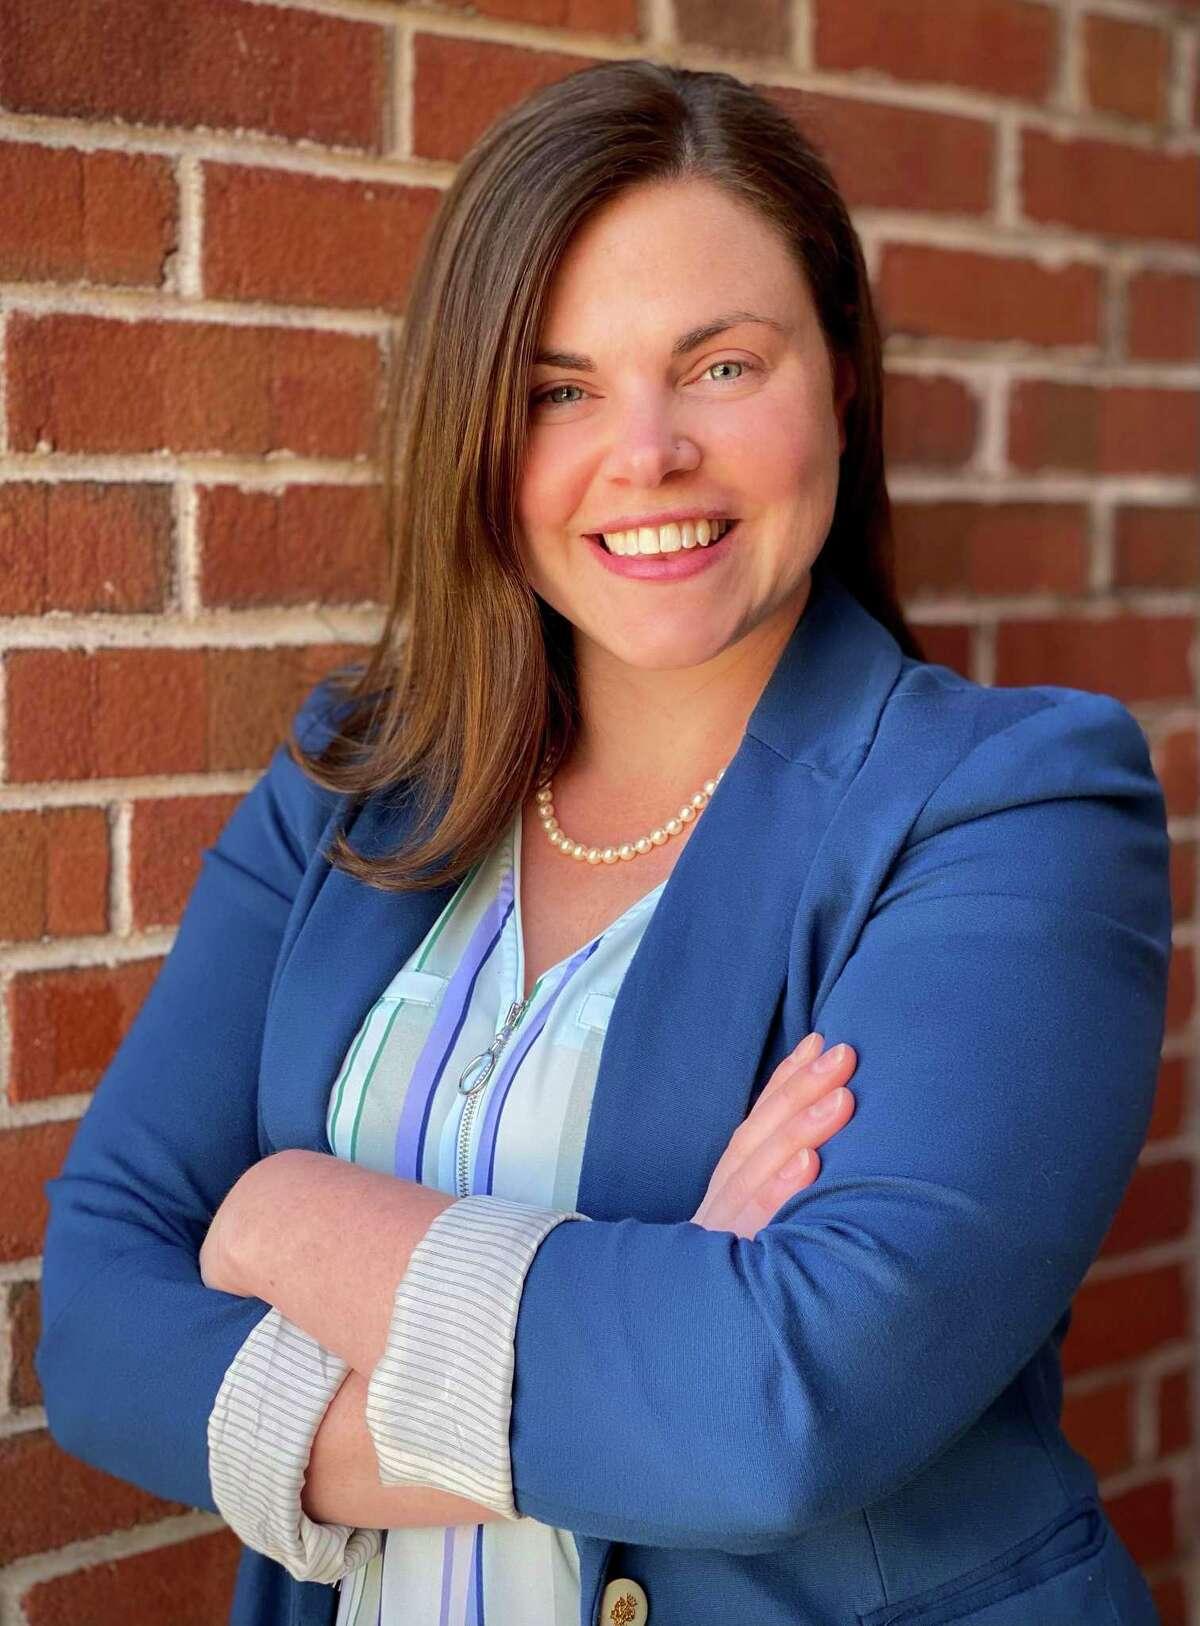 Lauren Garrett